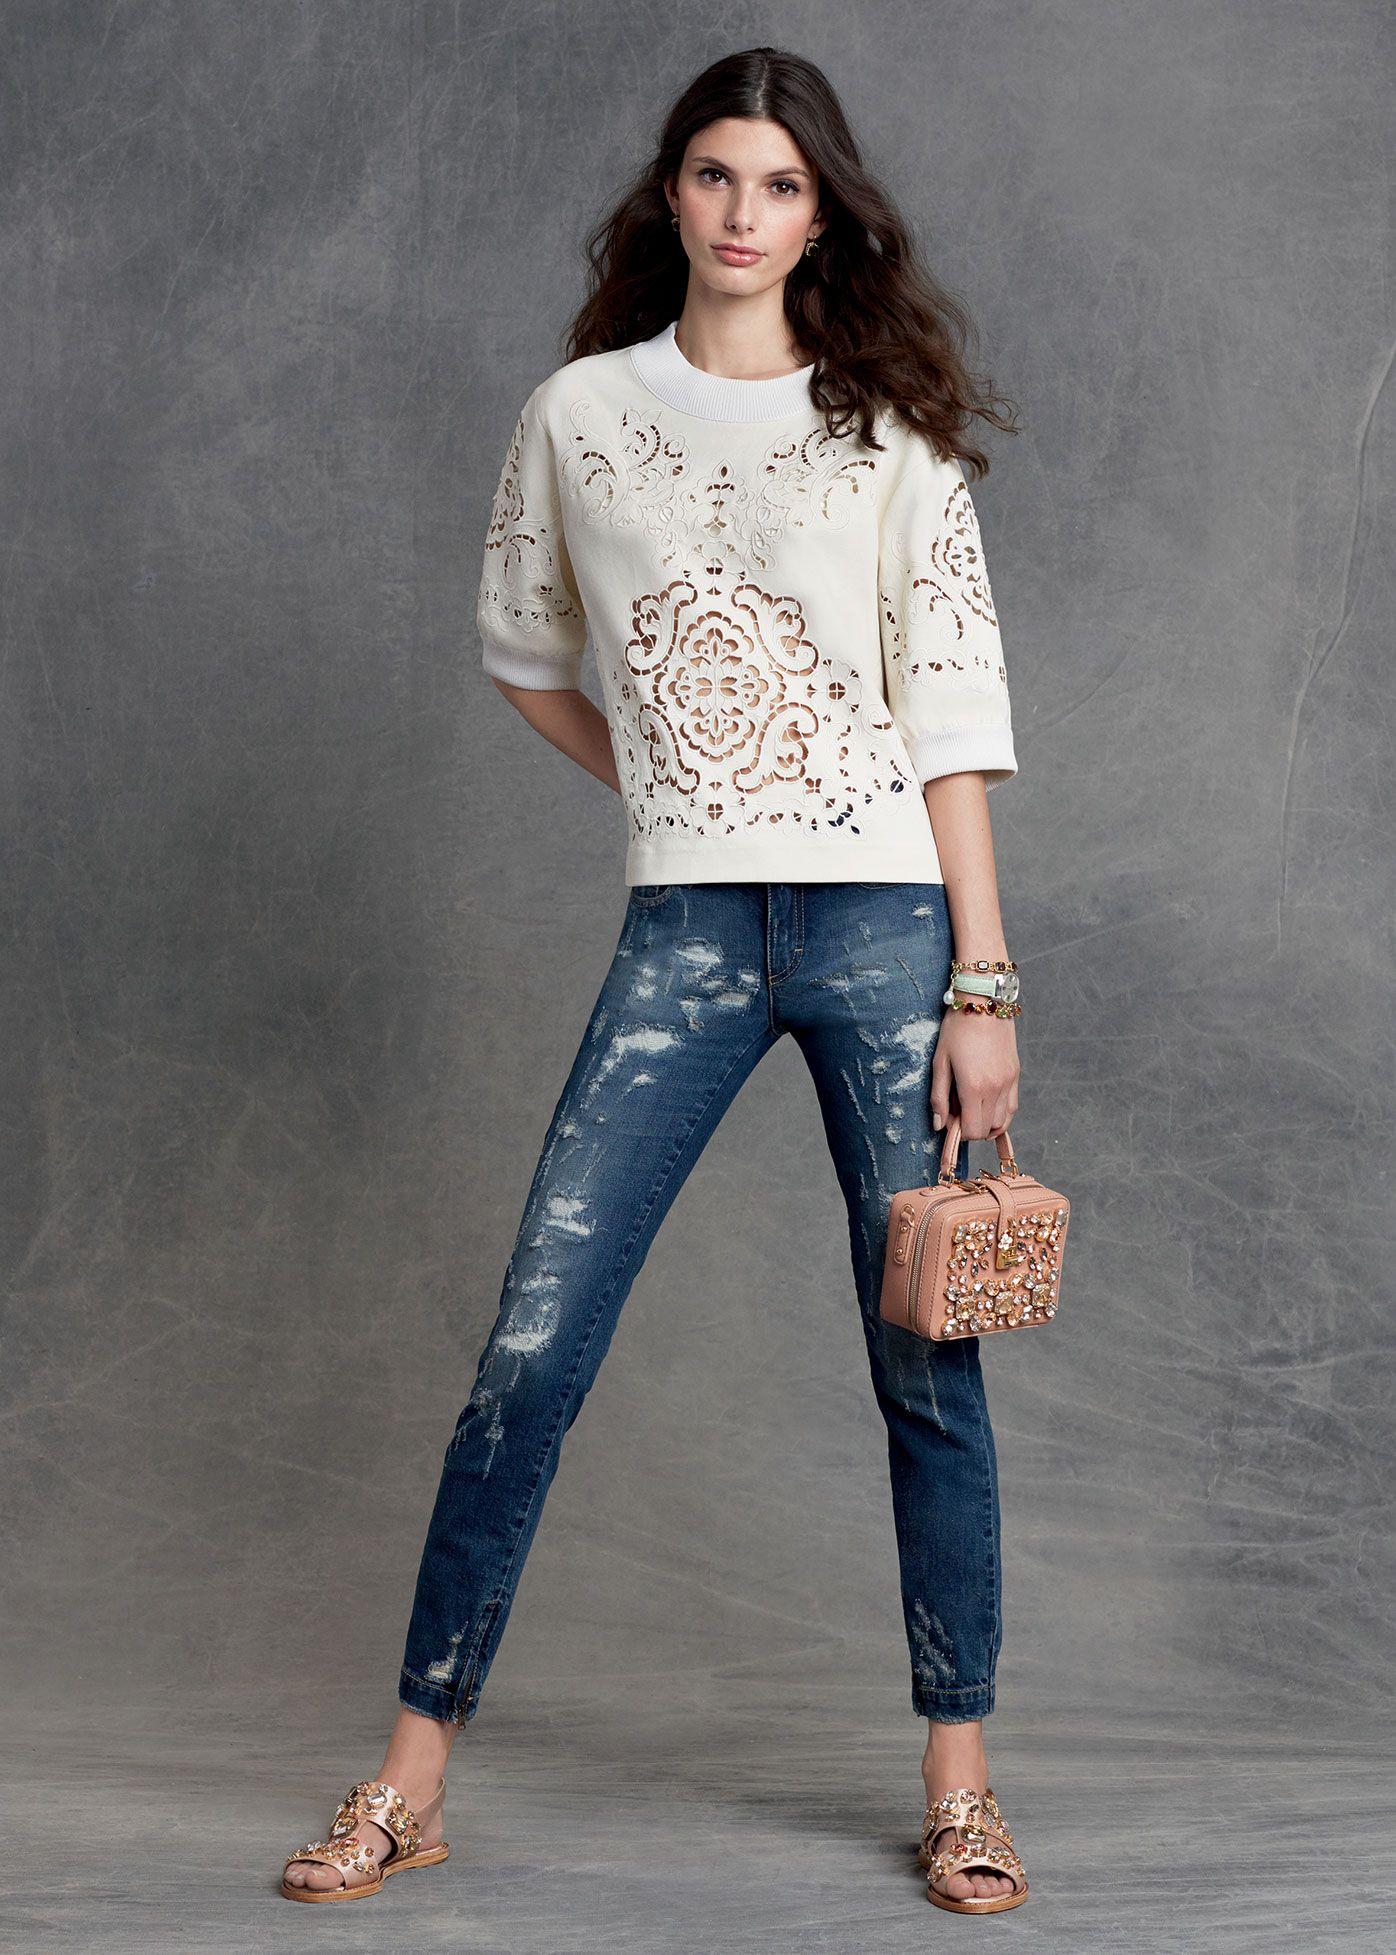 f14c95efd8cf Dolce   Gabbana Abbigliamento Donna Inverno 2016 Moda Sportiva